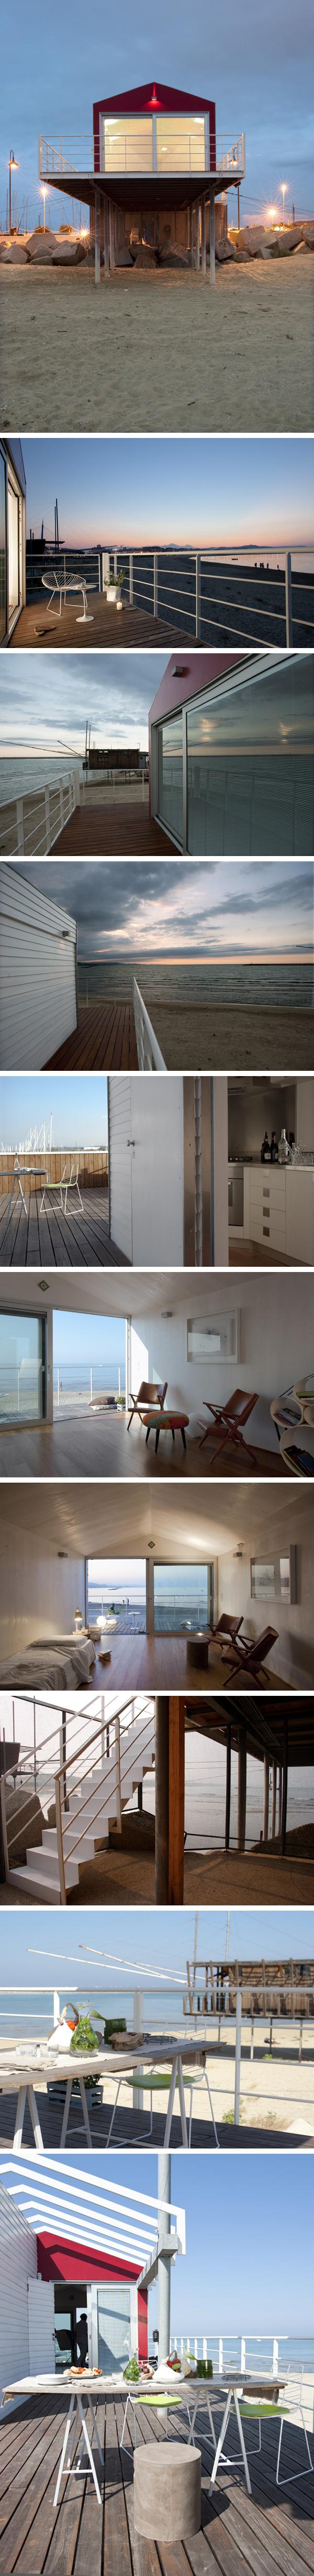 Una habitación sobre el mar